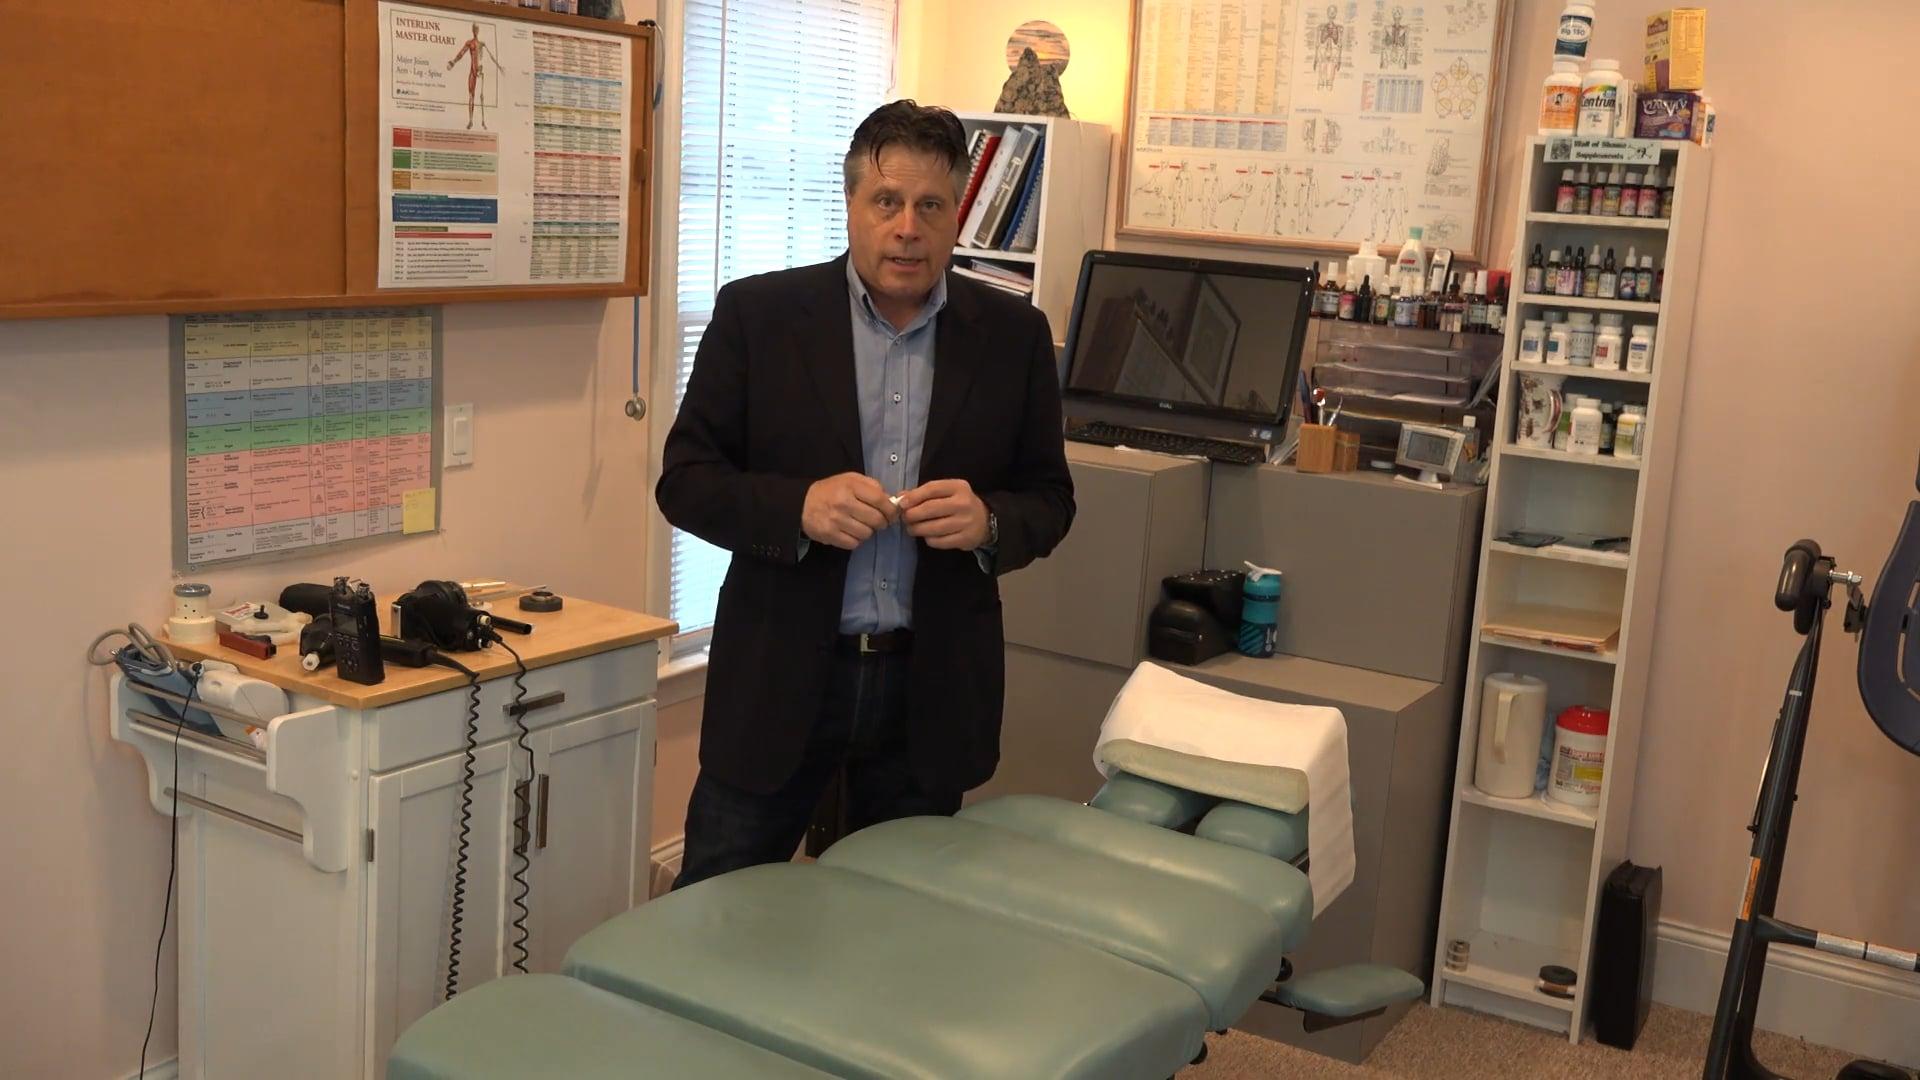 Dr. Shafer